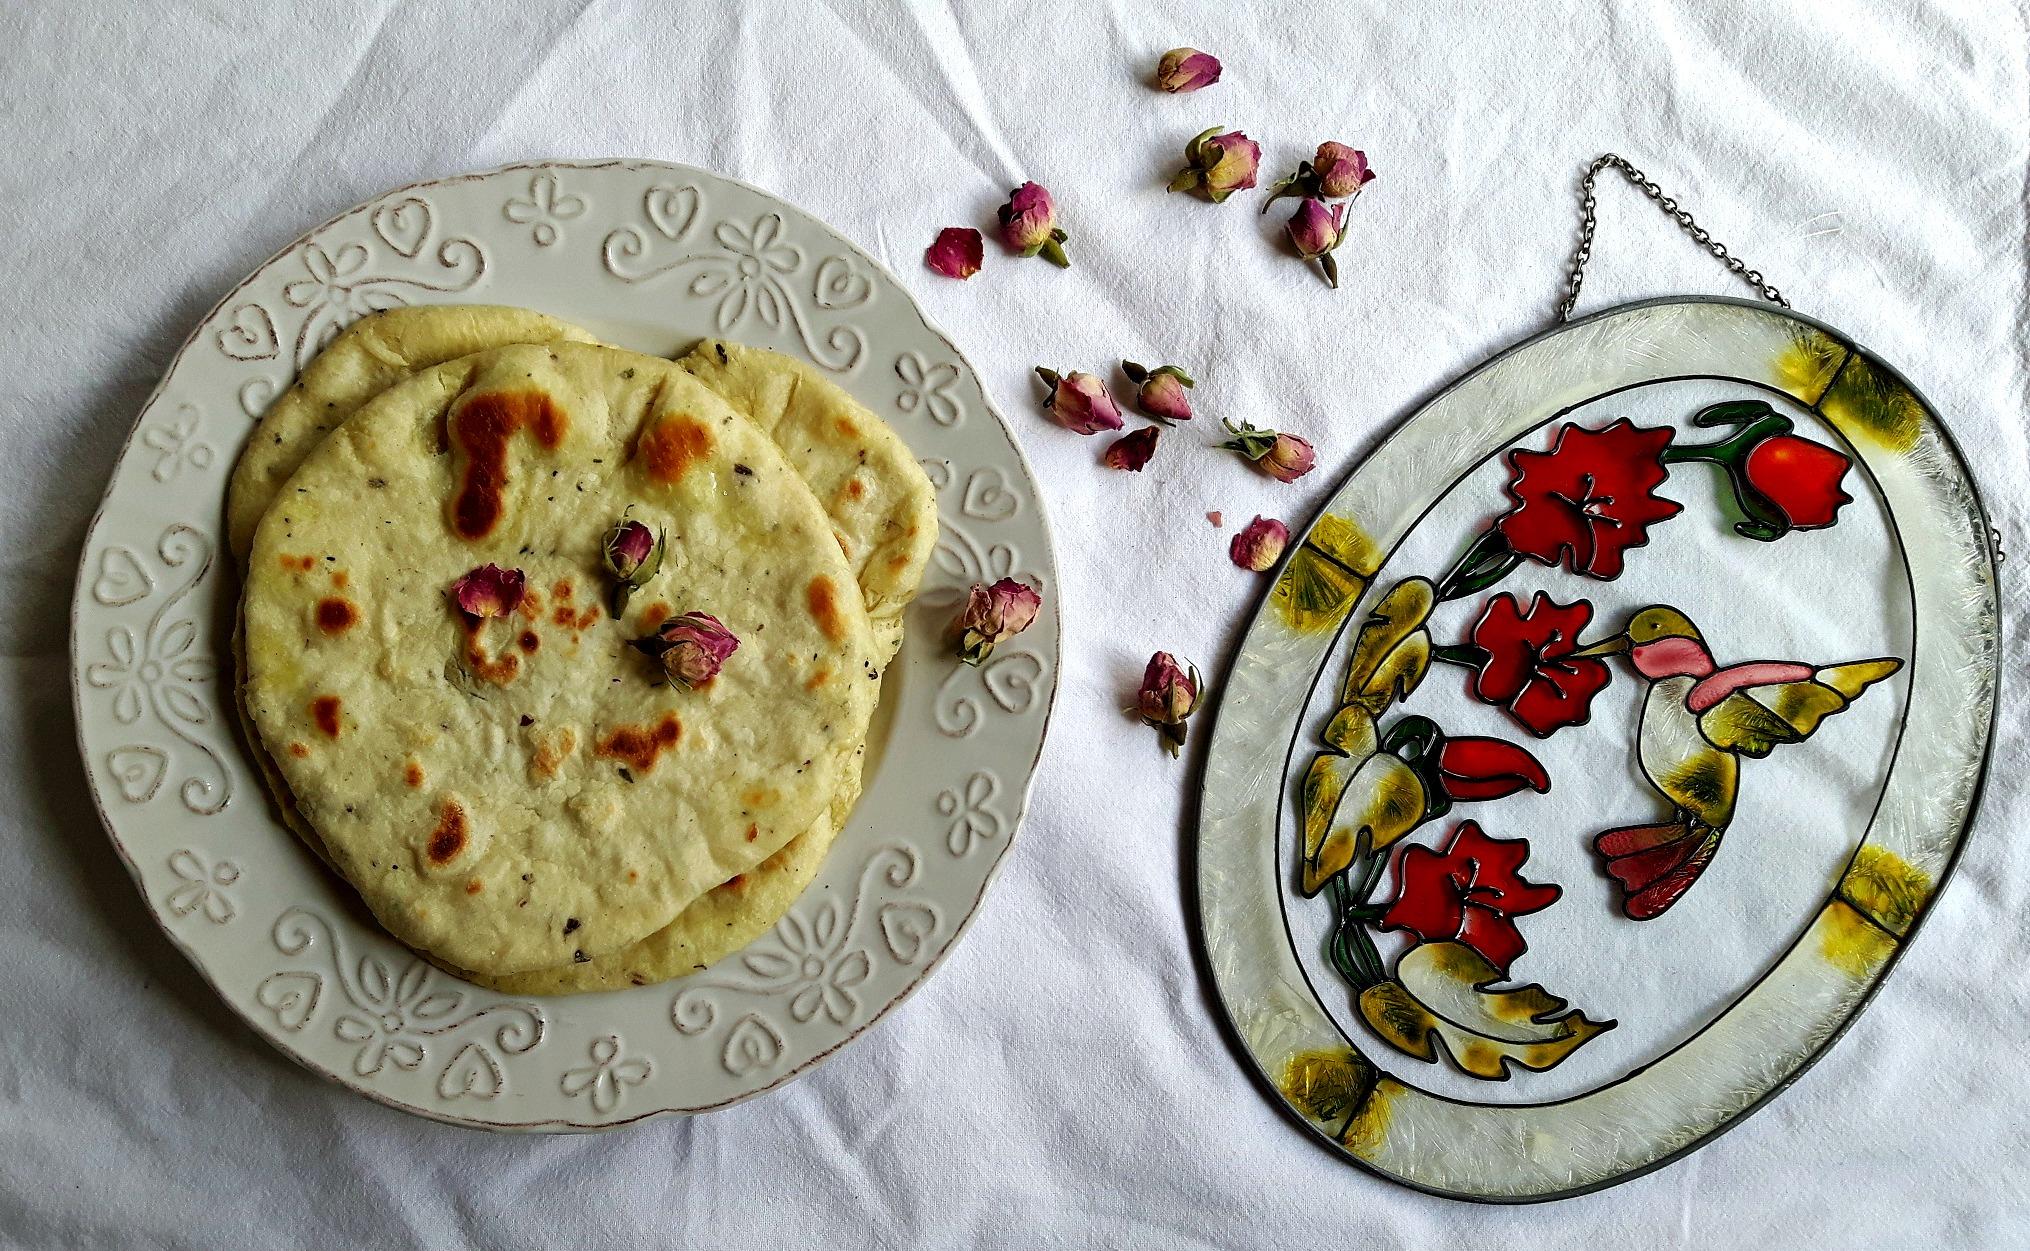 Special de 8 Martie. Pâine plată mediteraneană cu boboci de lavandă și trandafir